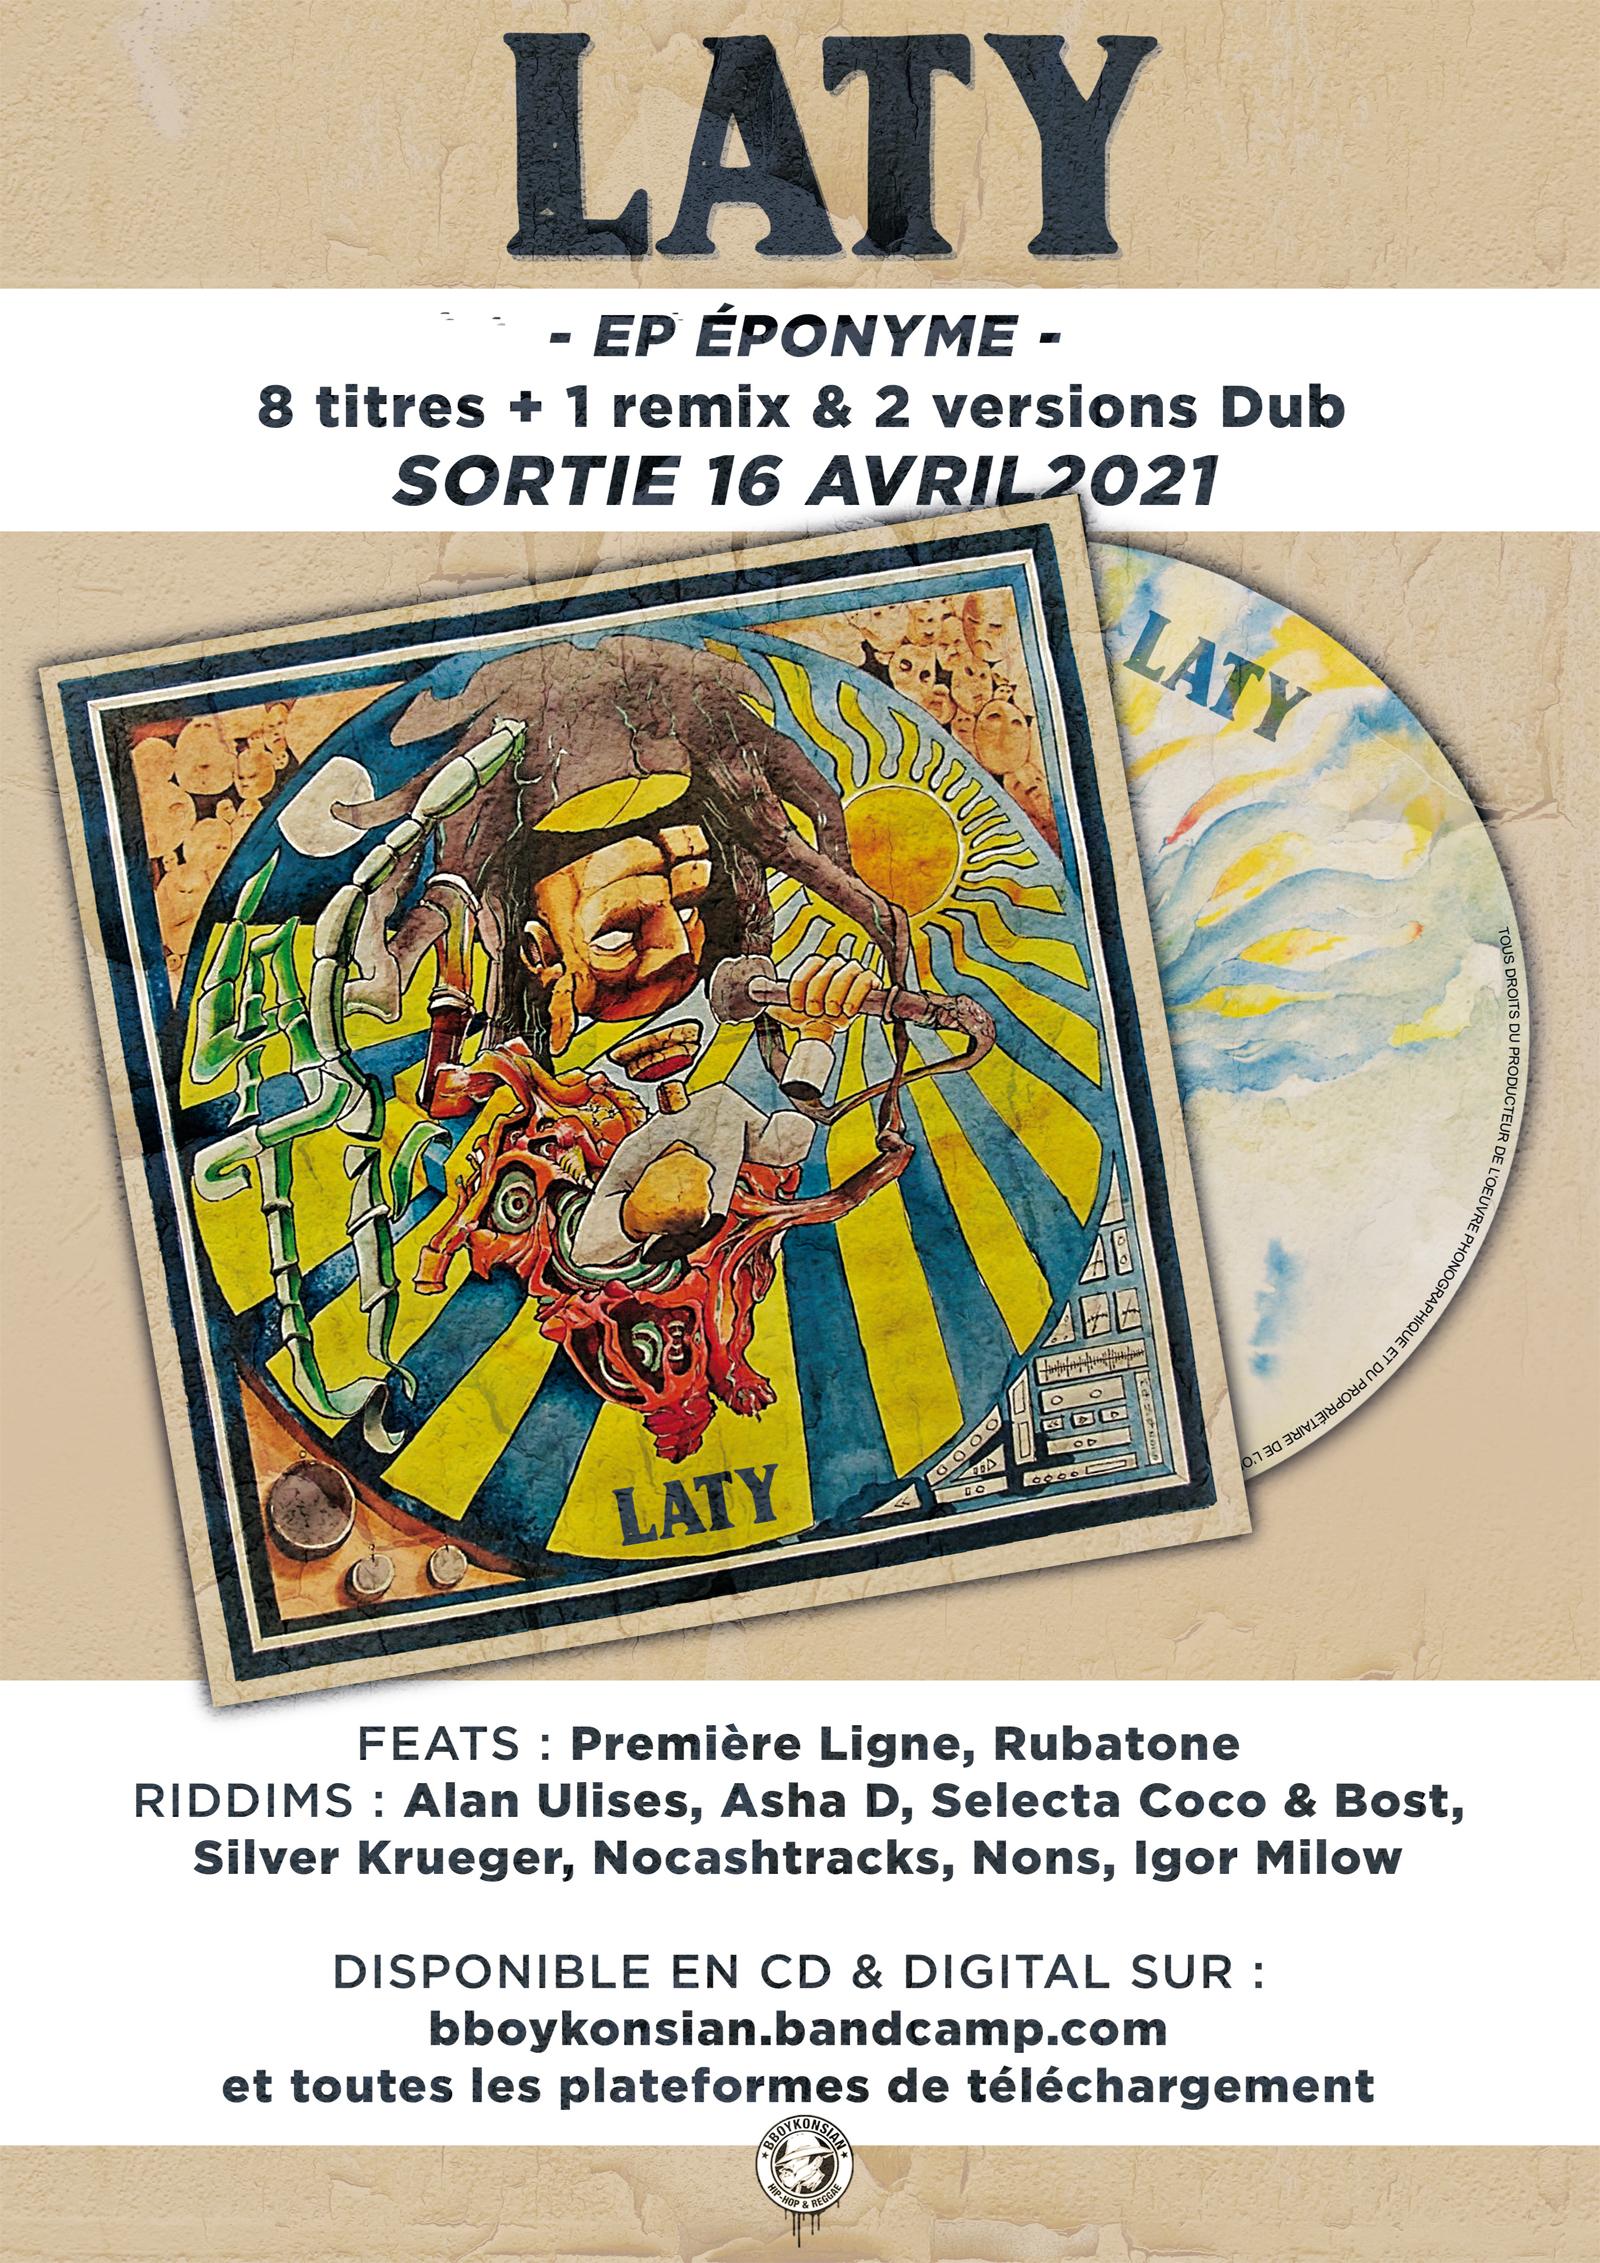 Sortie du EP éponyme de Laty en CD & Digital le 16 avril 2021